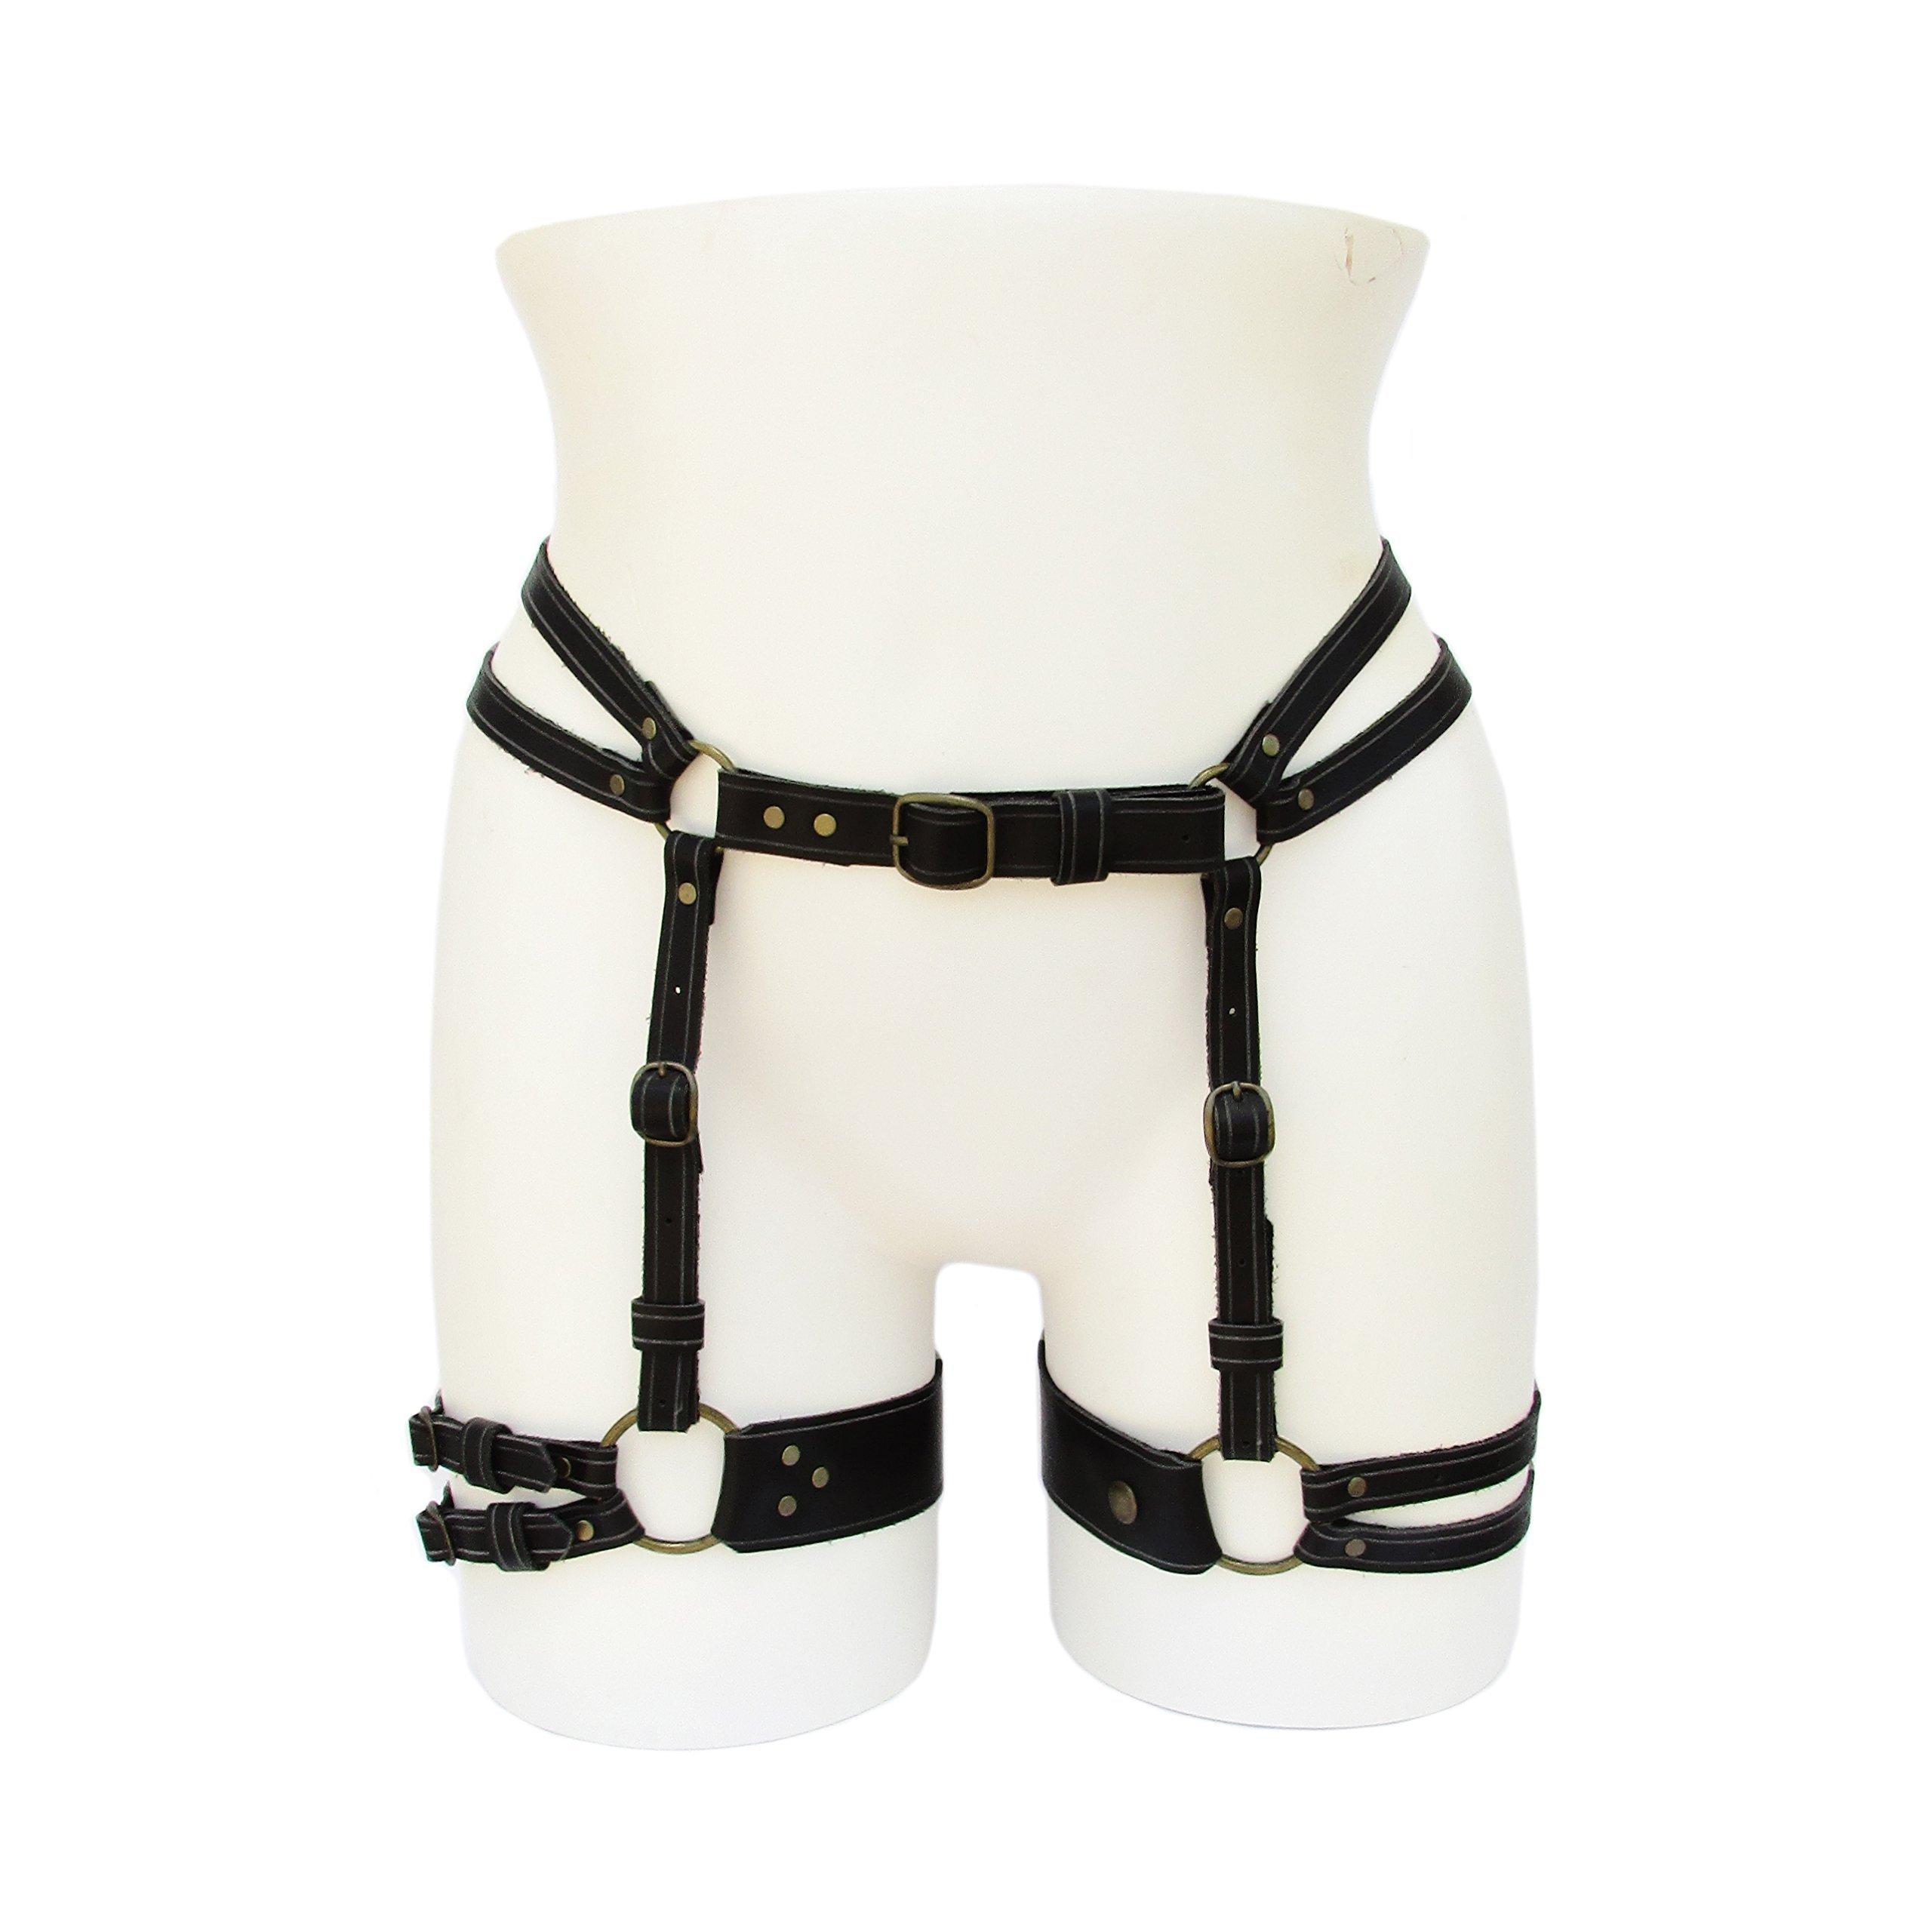 GENESIS Leather Garter Belt Body Harness